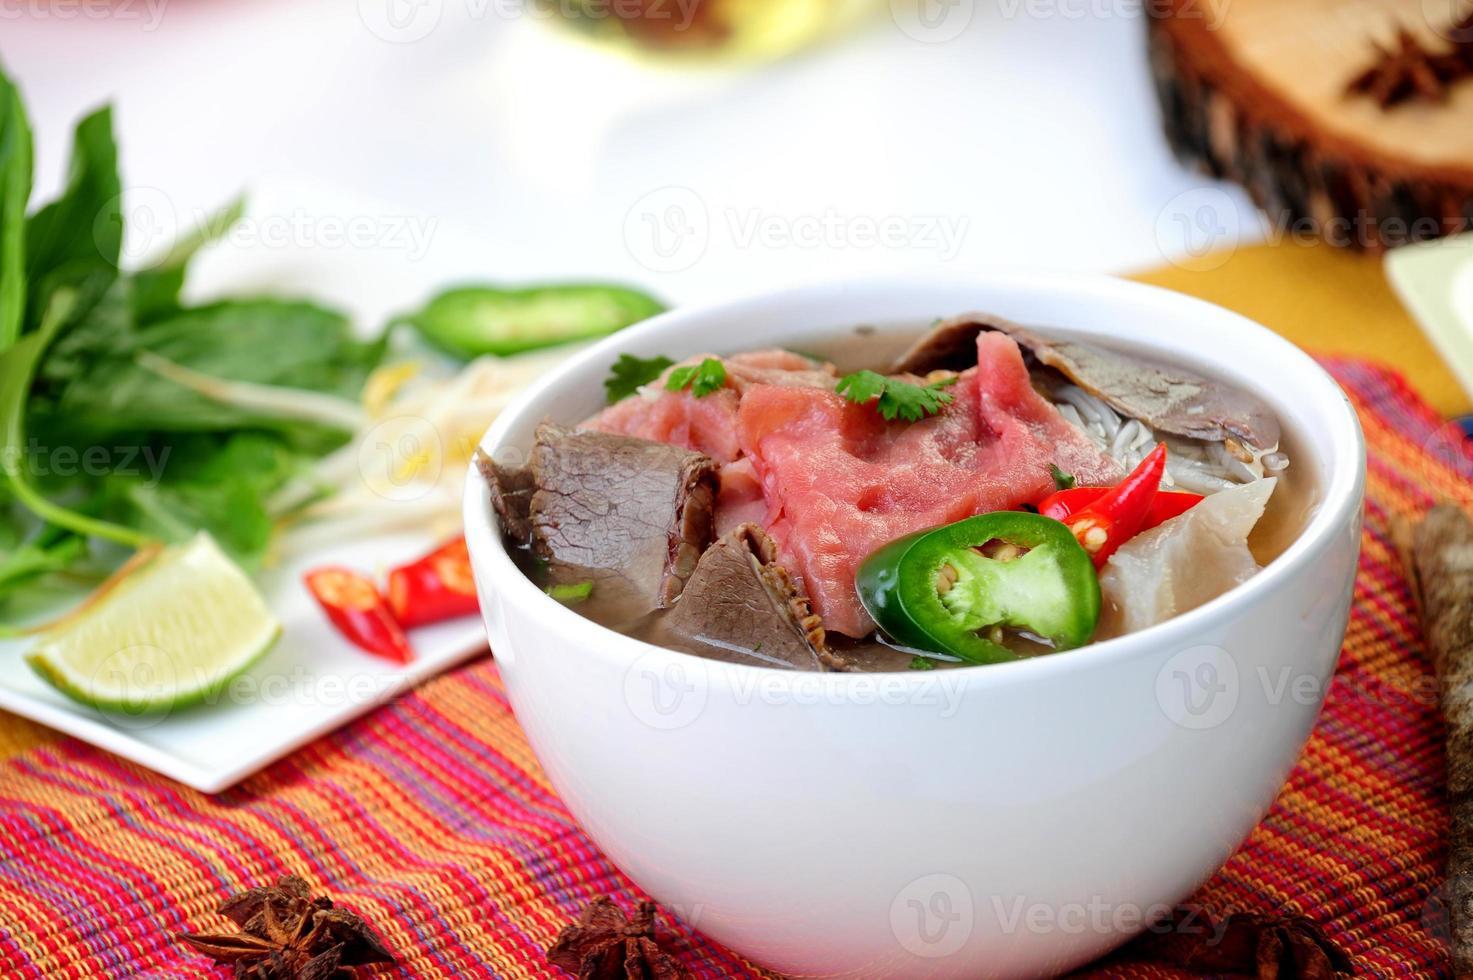 il cibo vietnamita chiama pho tai foto